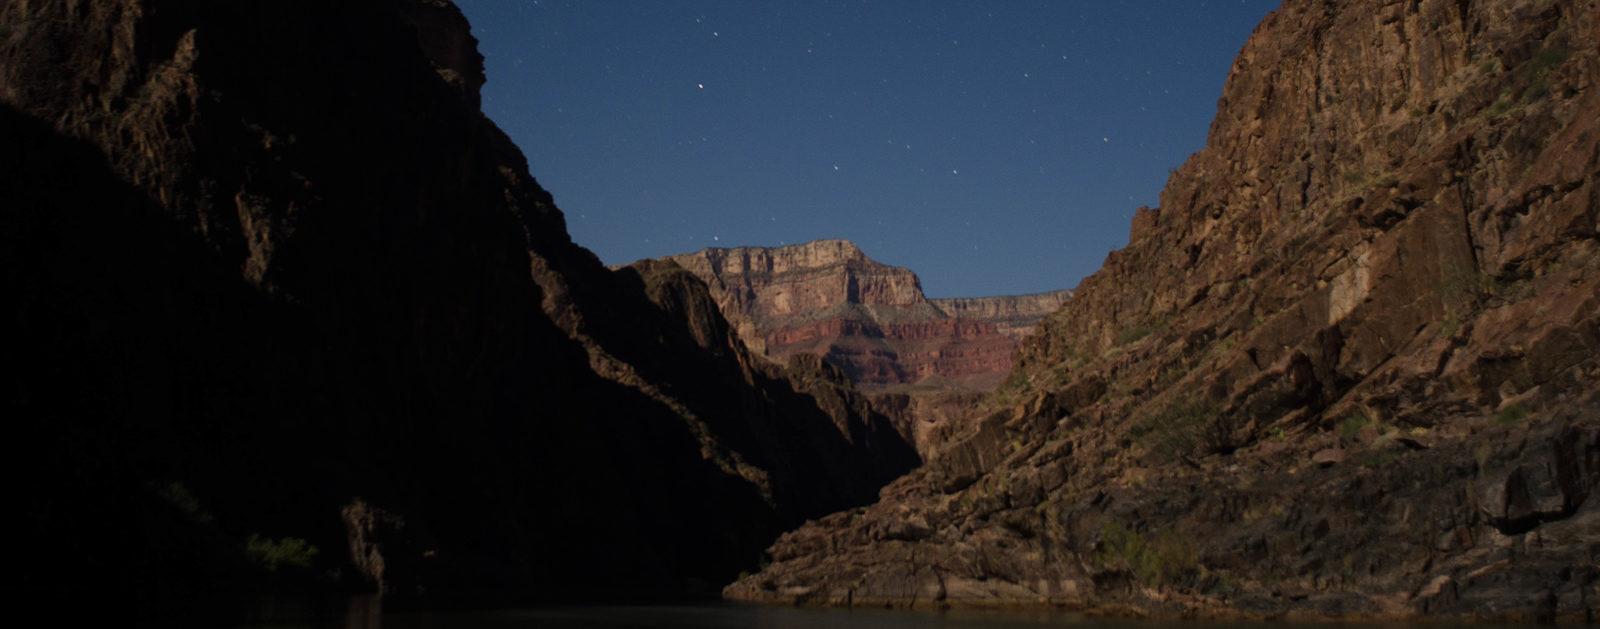 Moon light at Salt Creek. | Ken Neubecker